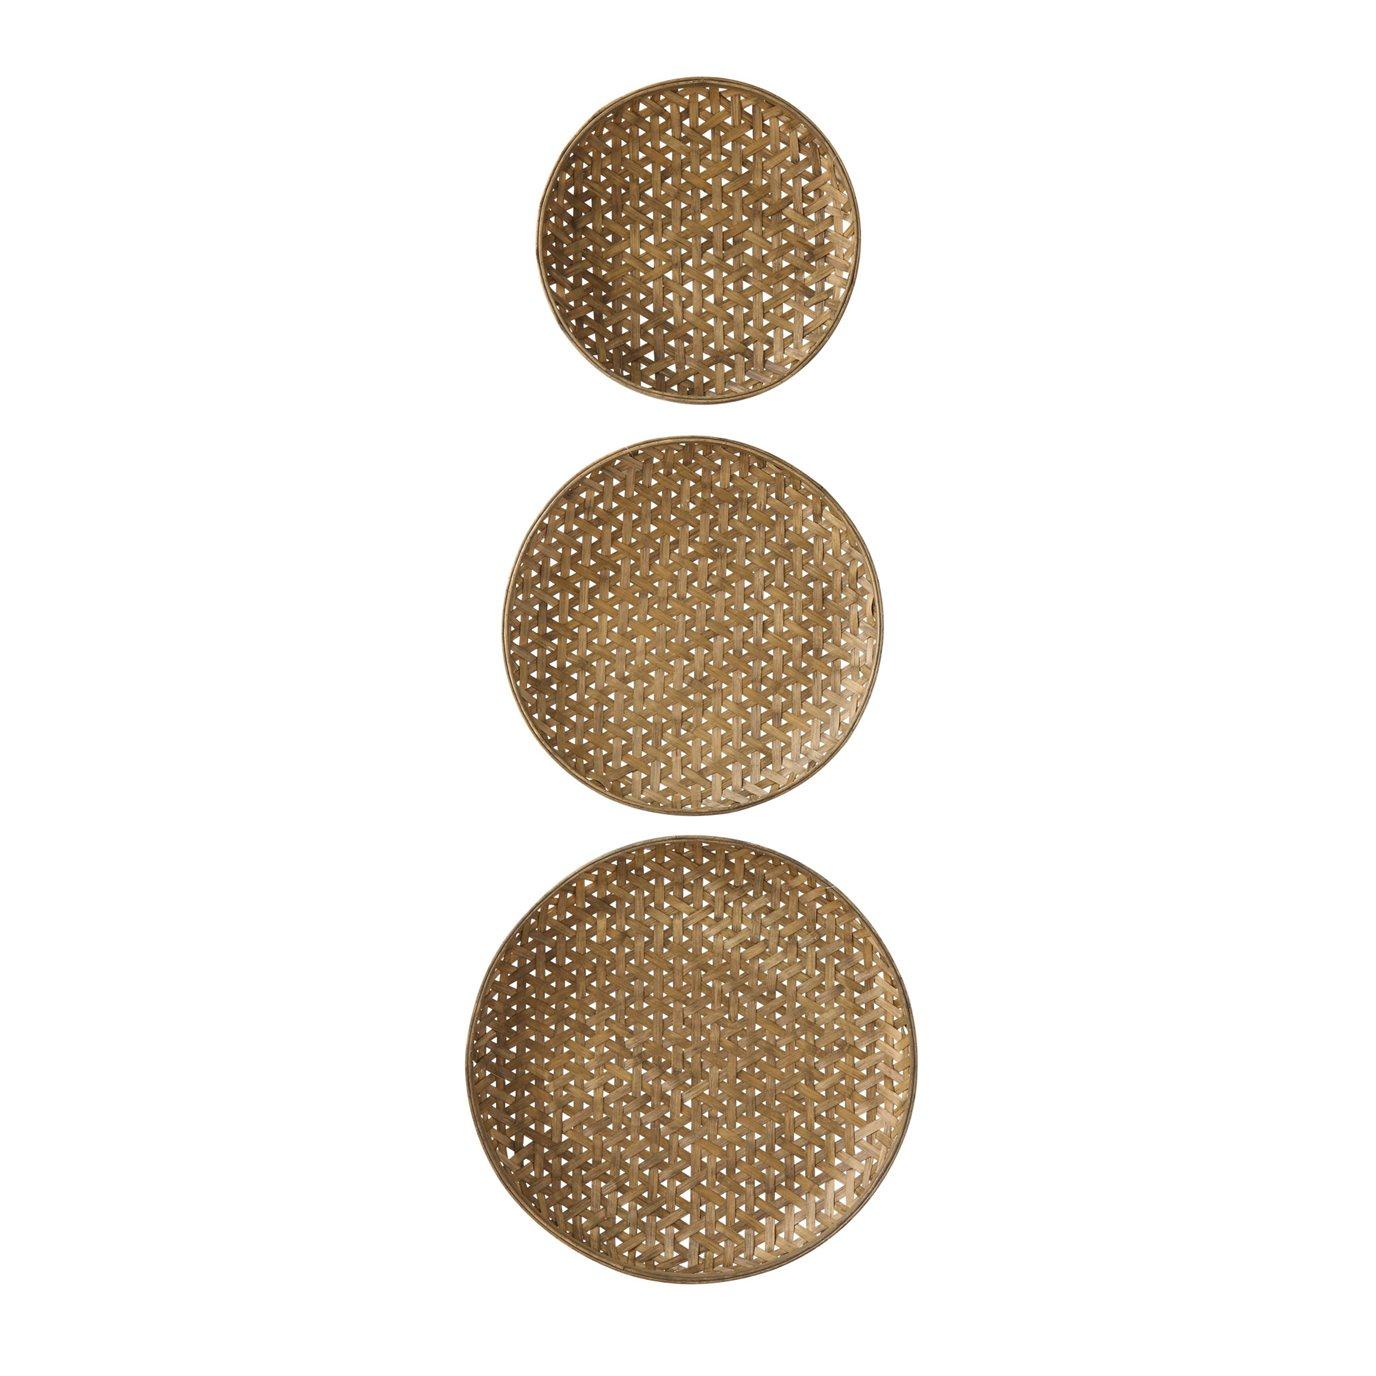 Round Bamboo Baskets (Set of 3 Sizes)